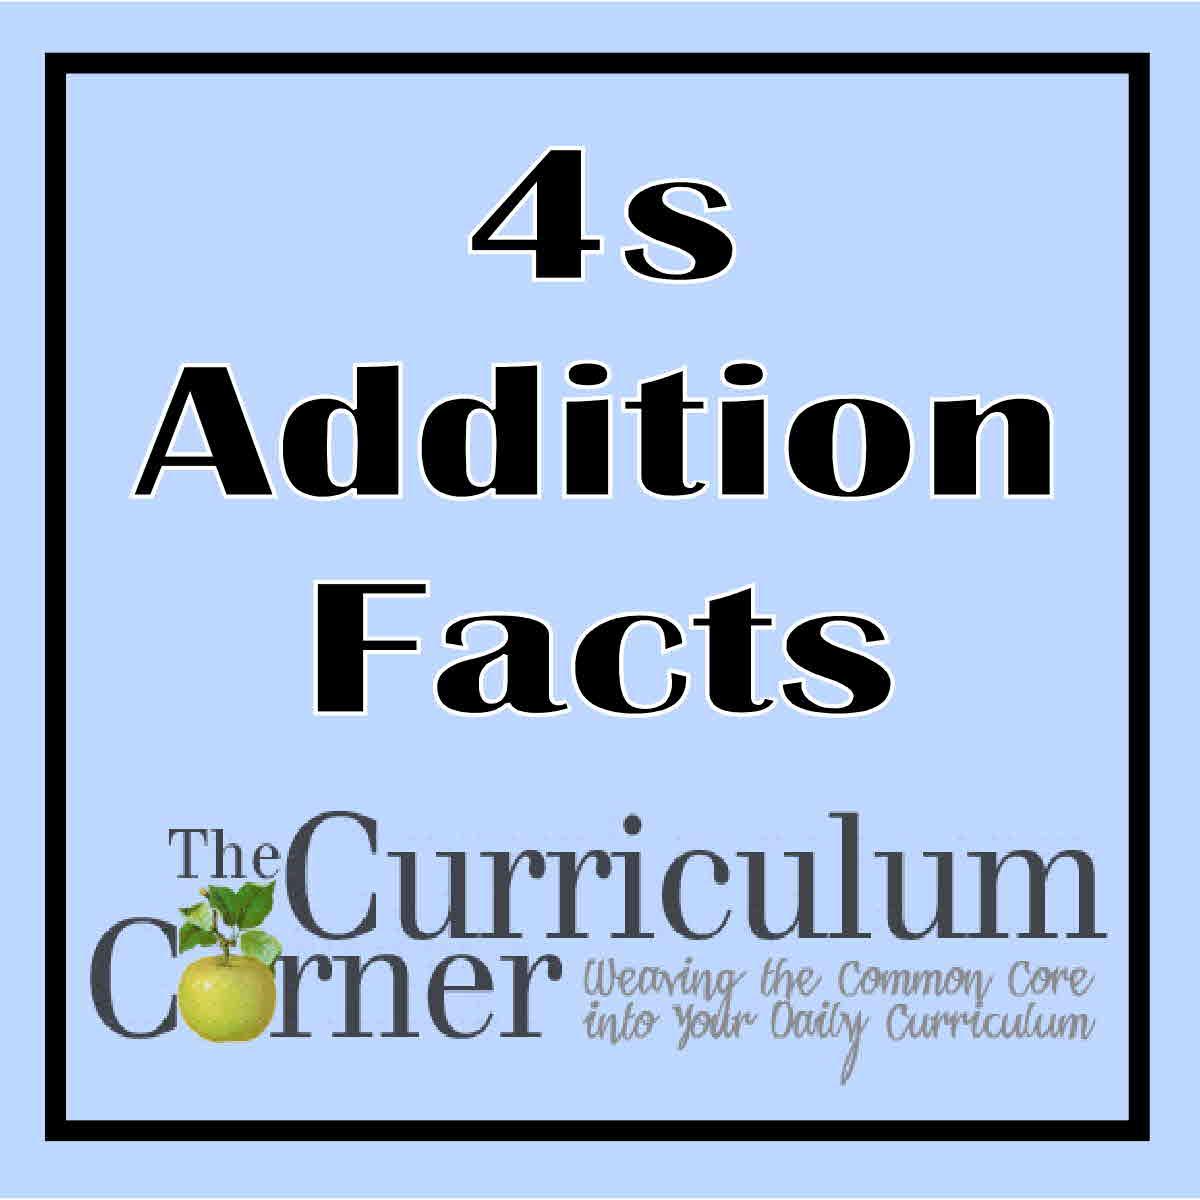 4s - The Curriculum Corner 123